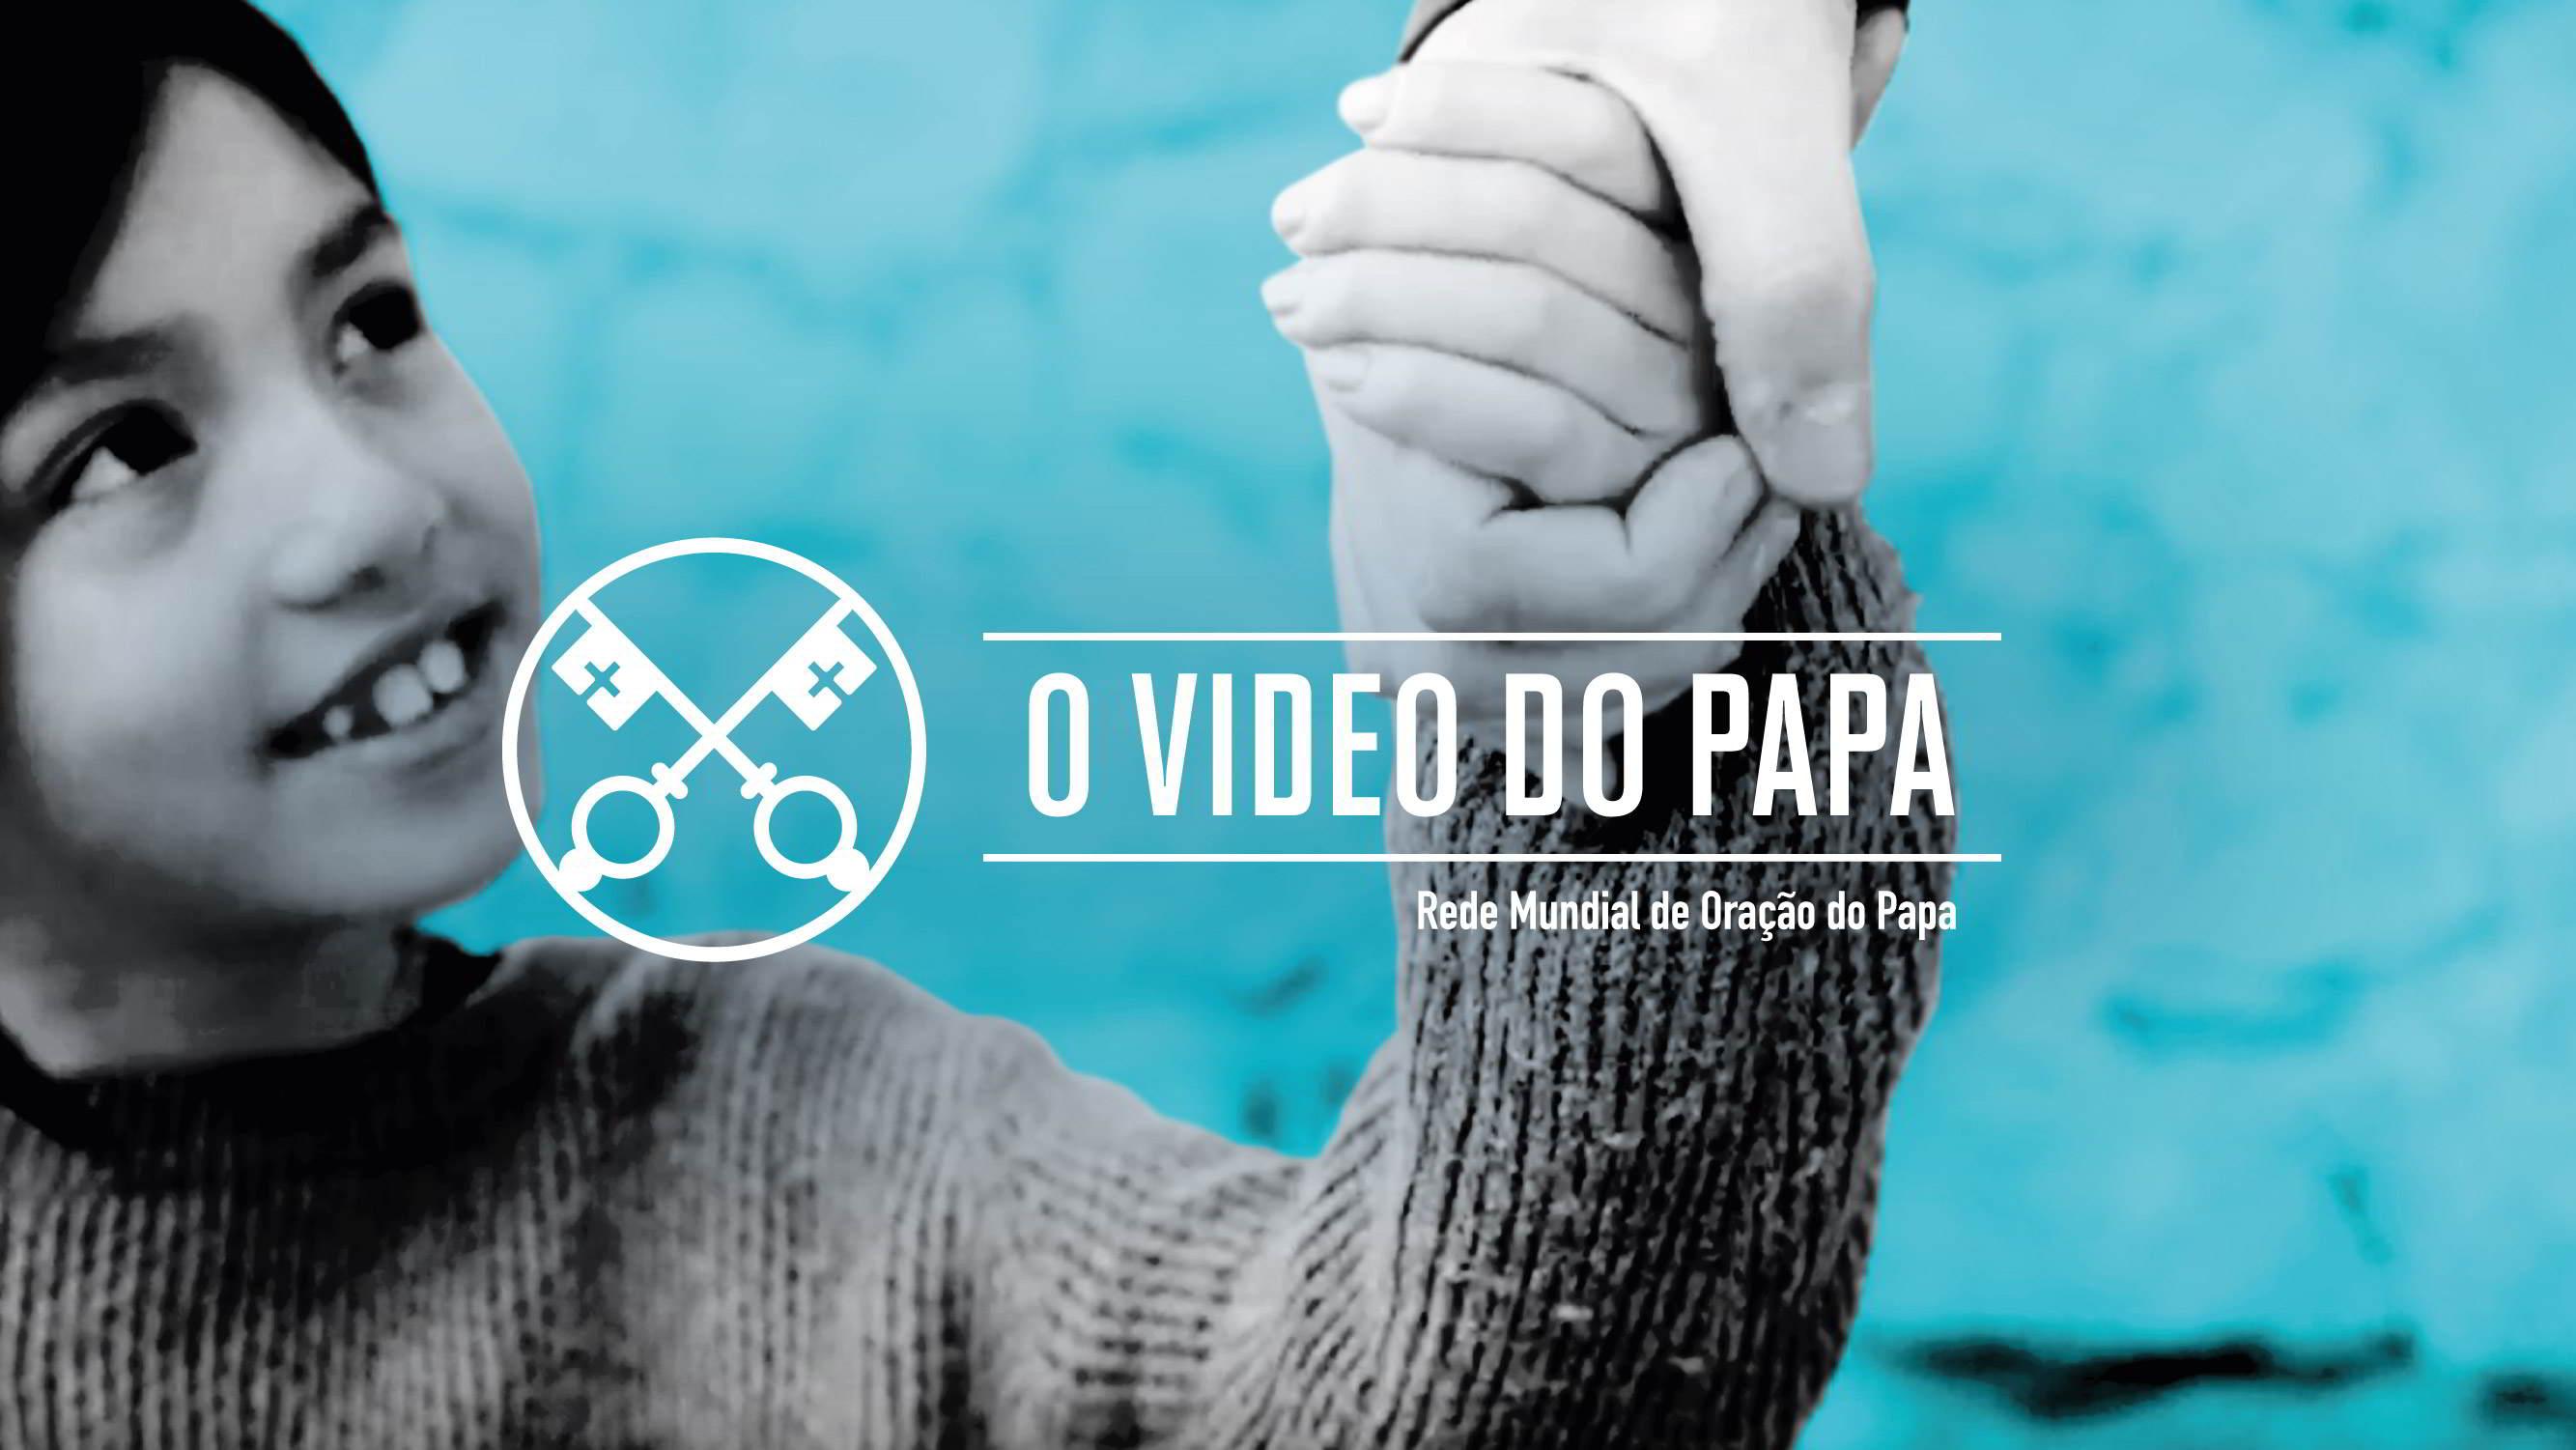 Official-Image-TPV-12-2019-PT-O-Video-do-Papa-O-futuro-dos-mais-jovens